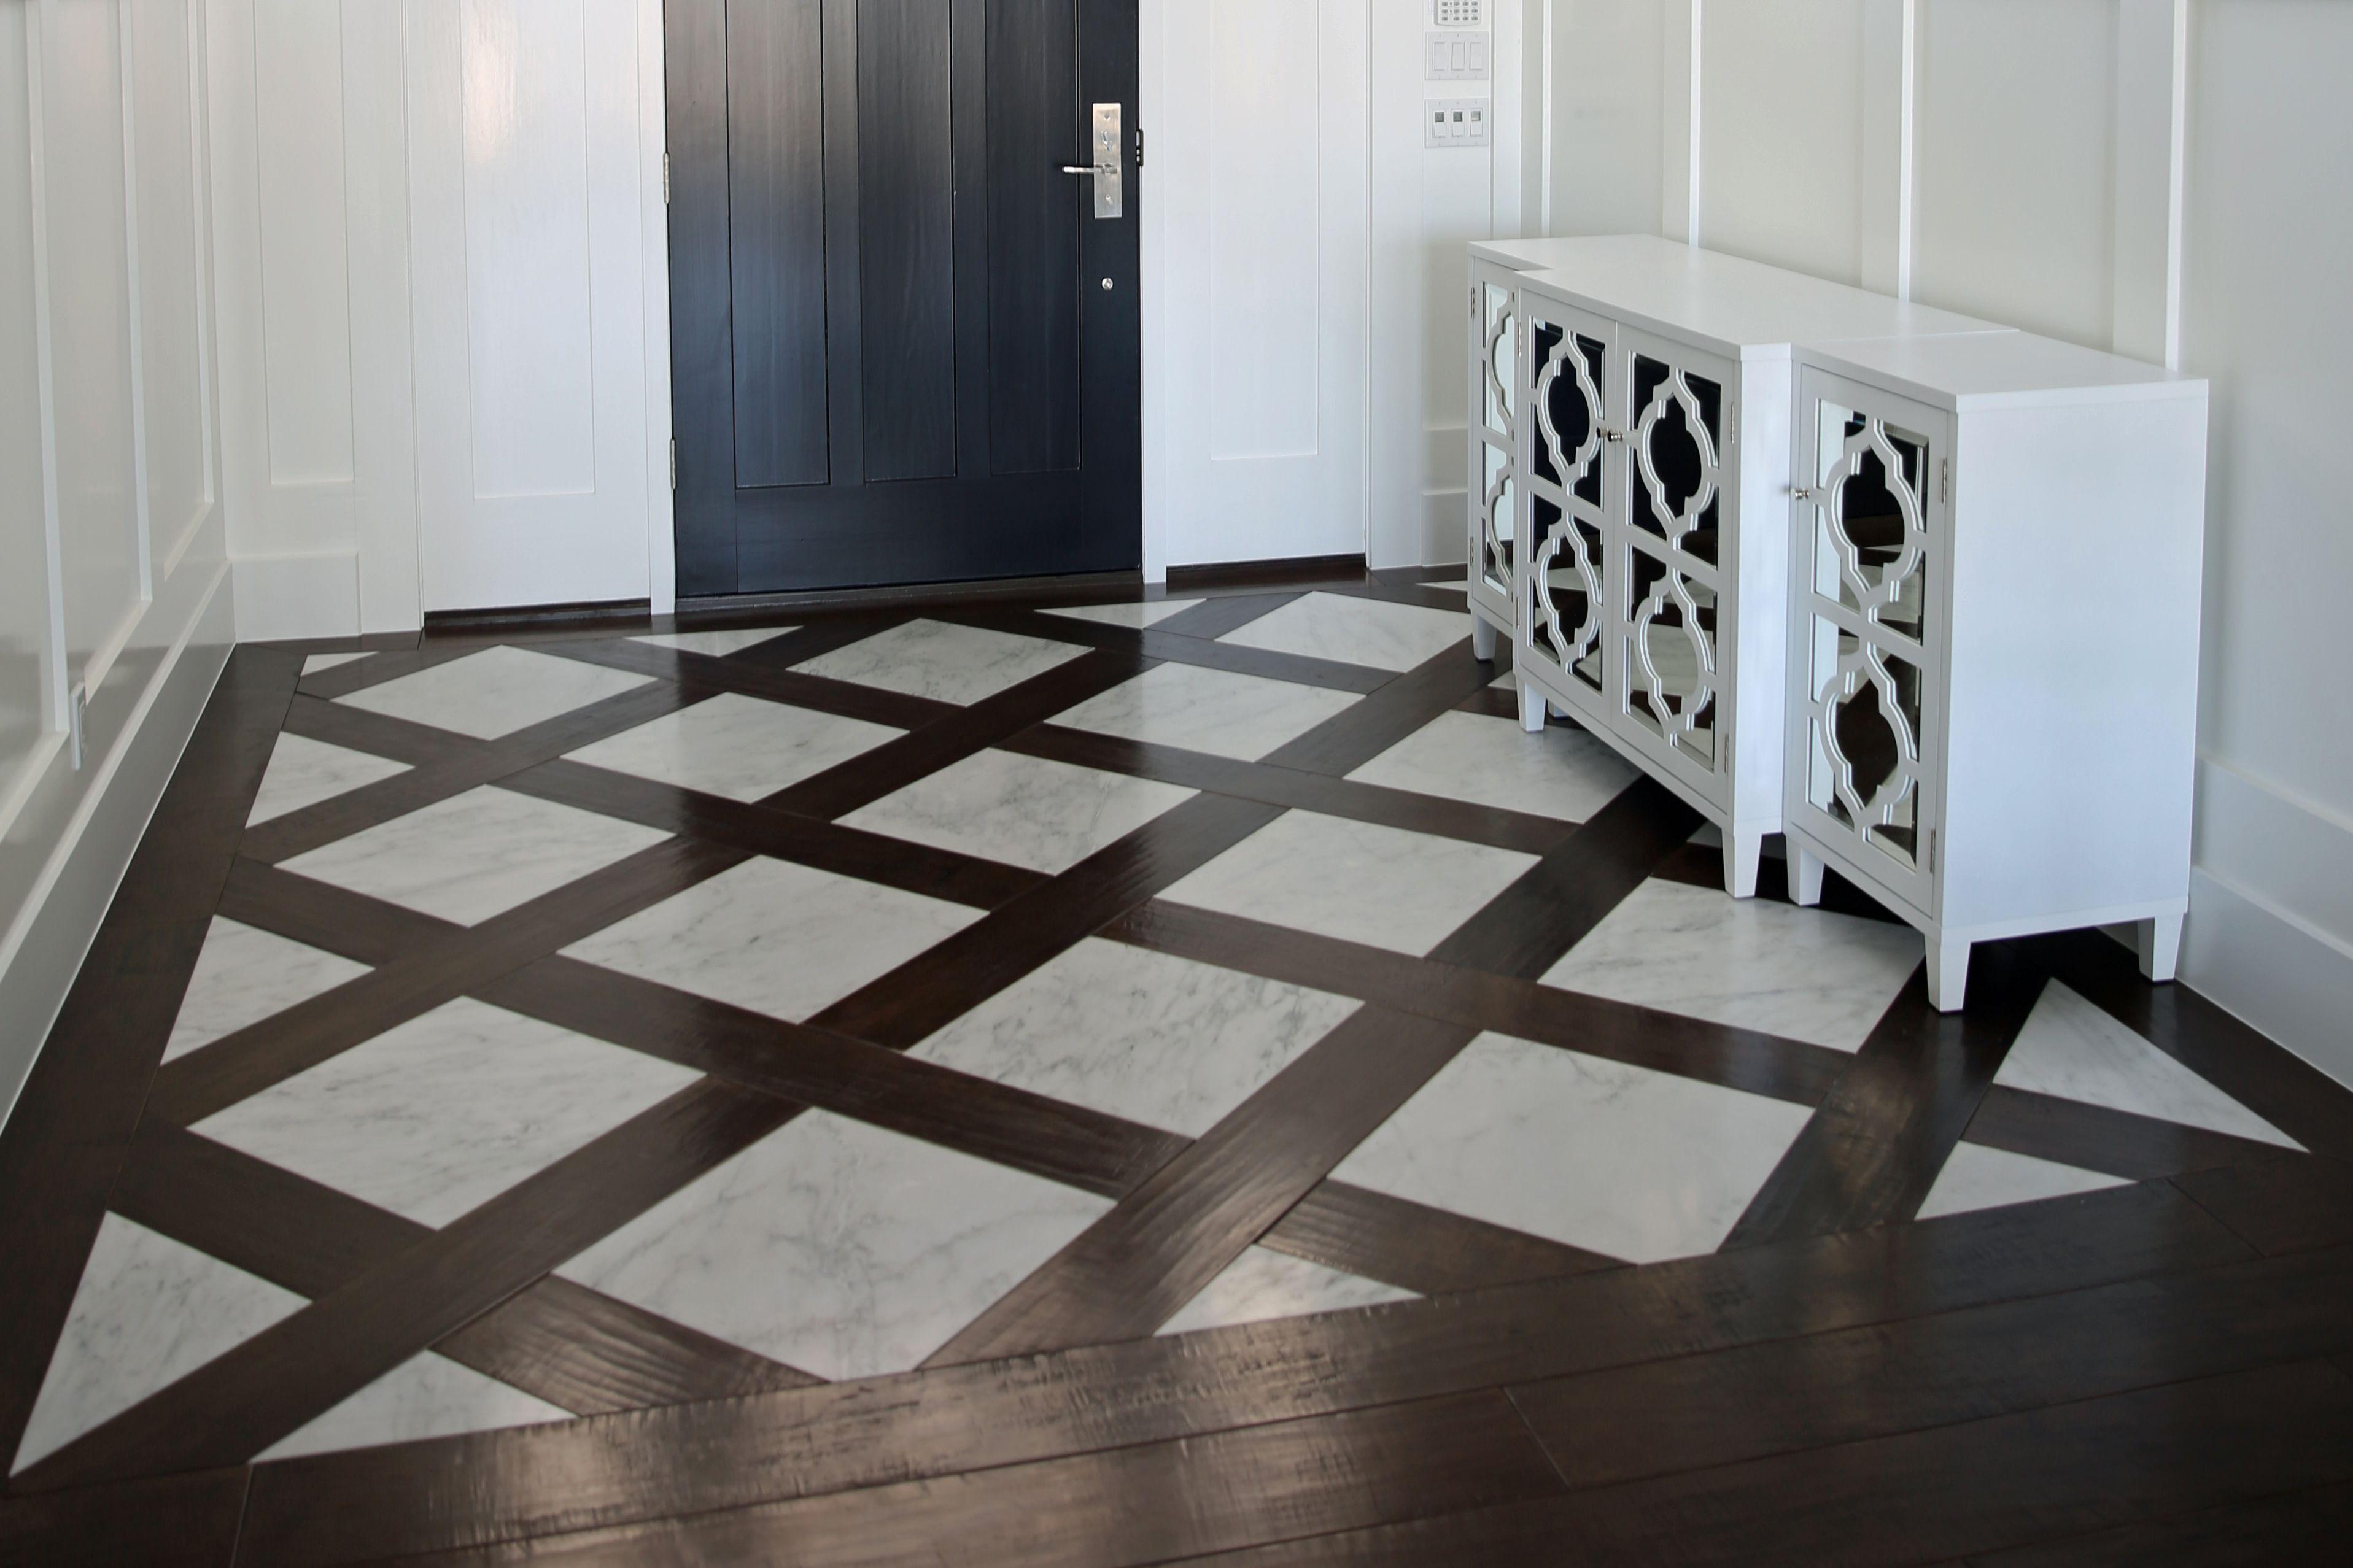 27 Flooring Ideas for Entryways